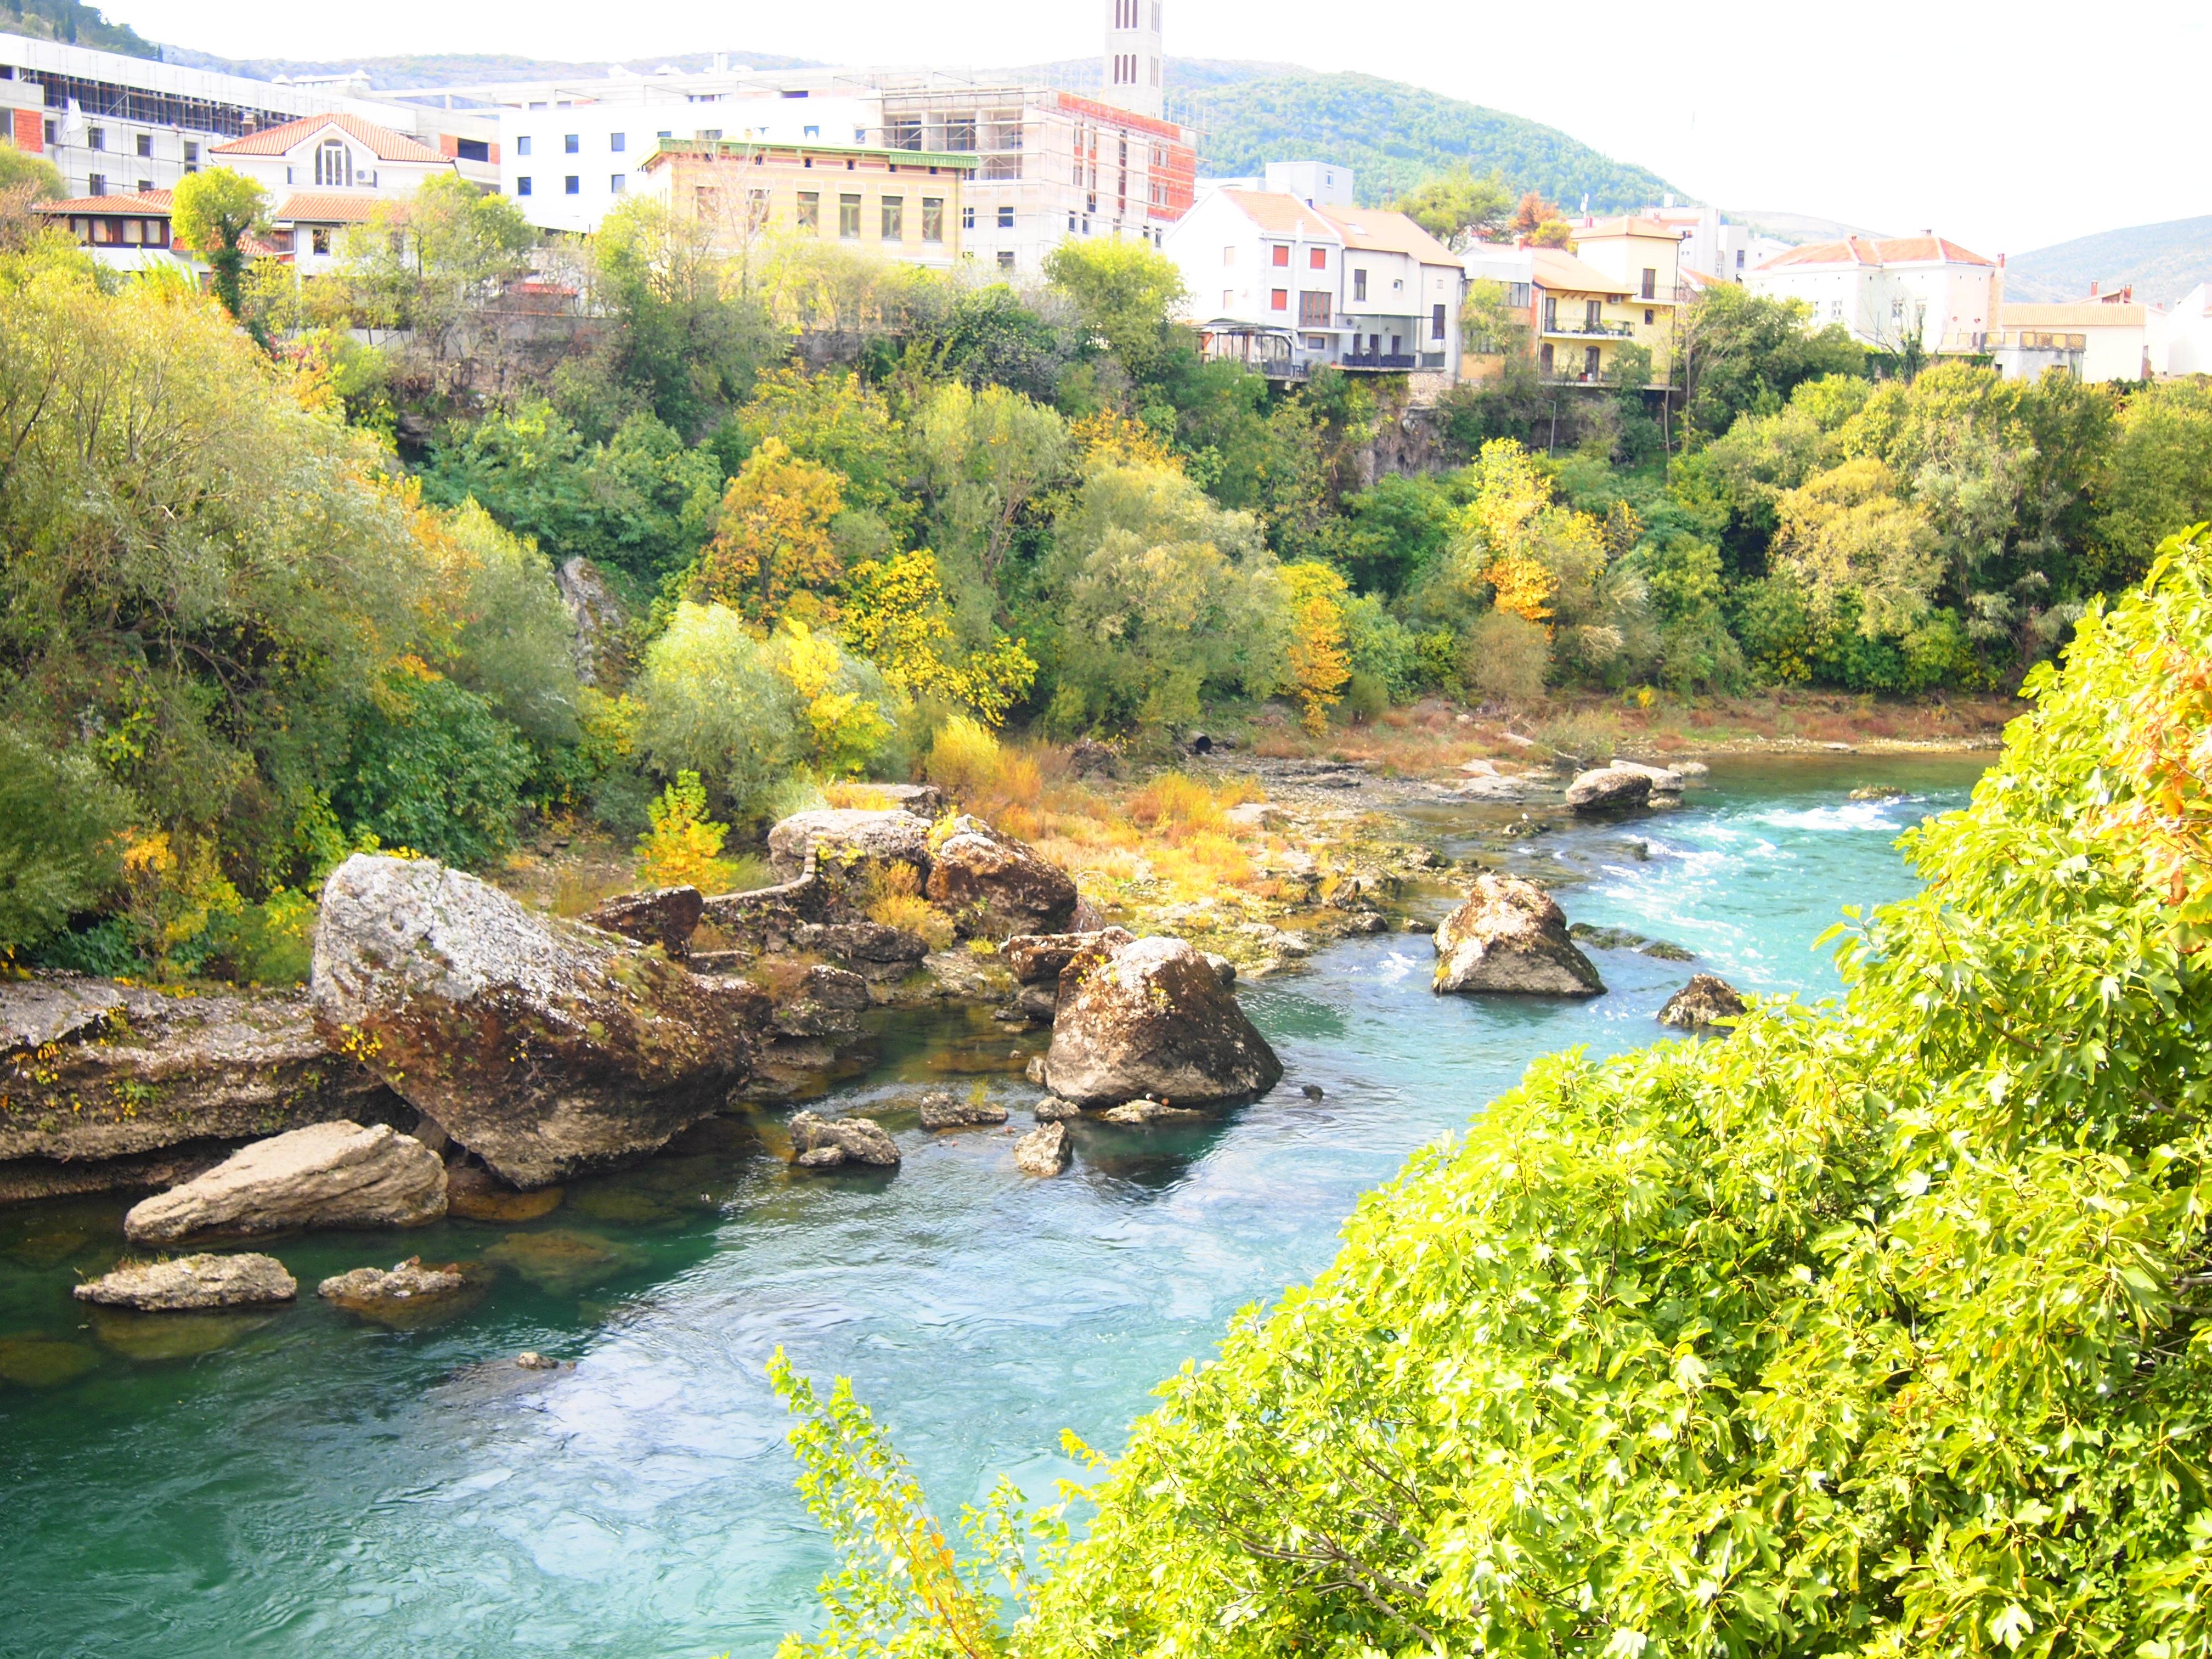 世界一周 ヨーロッパ ボスニアヘルツェゴビナ モスタル 観光